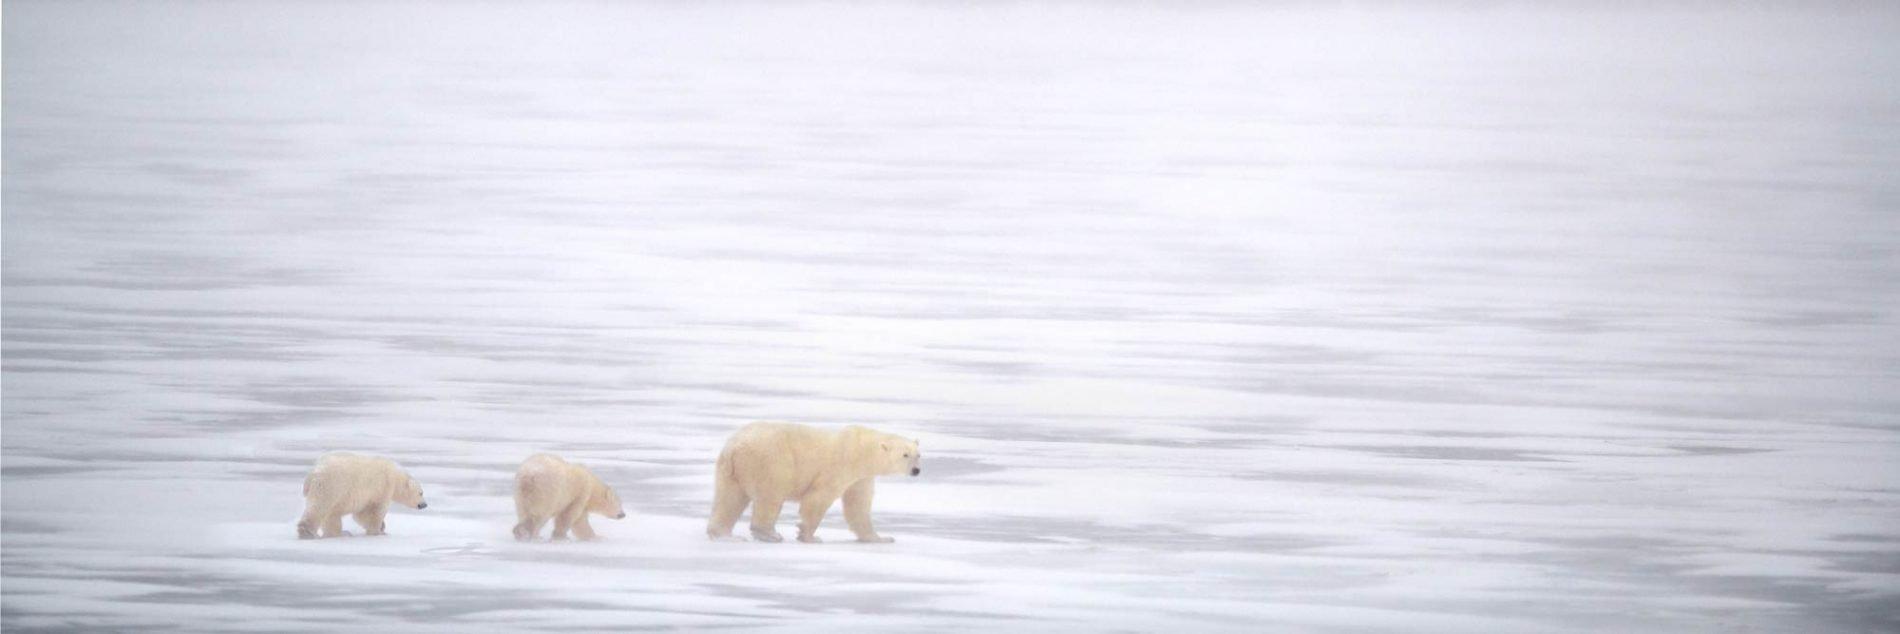 Polar Bears Facing The Storm